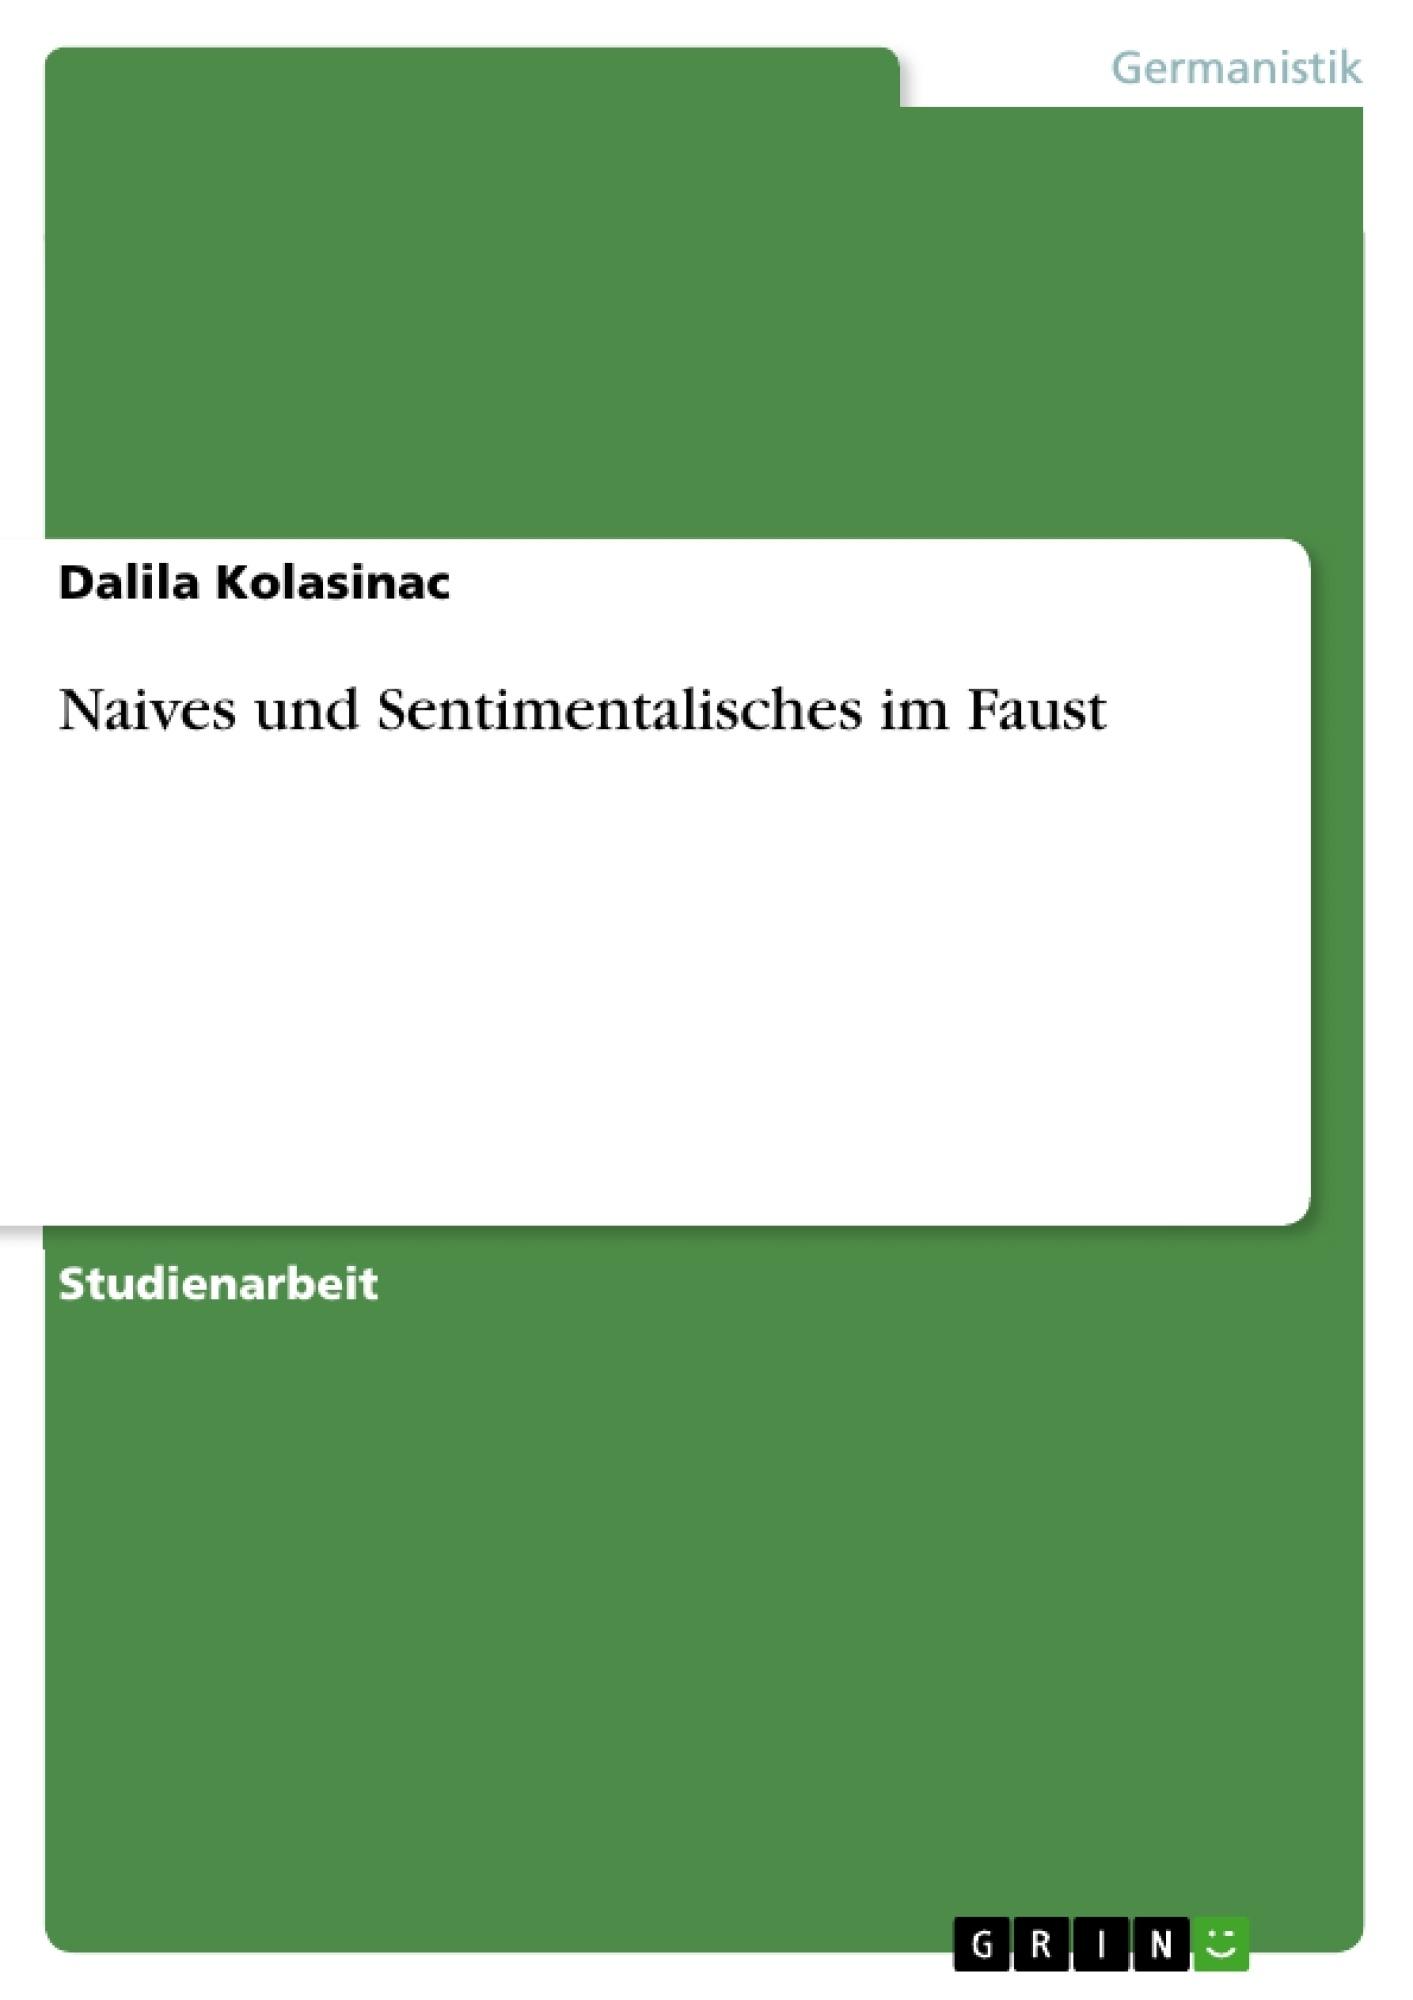 Titel: Naives und Sentimentalisches im Faust